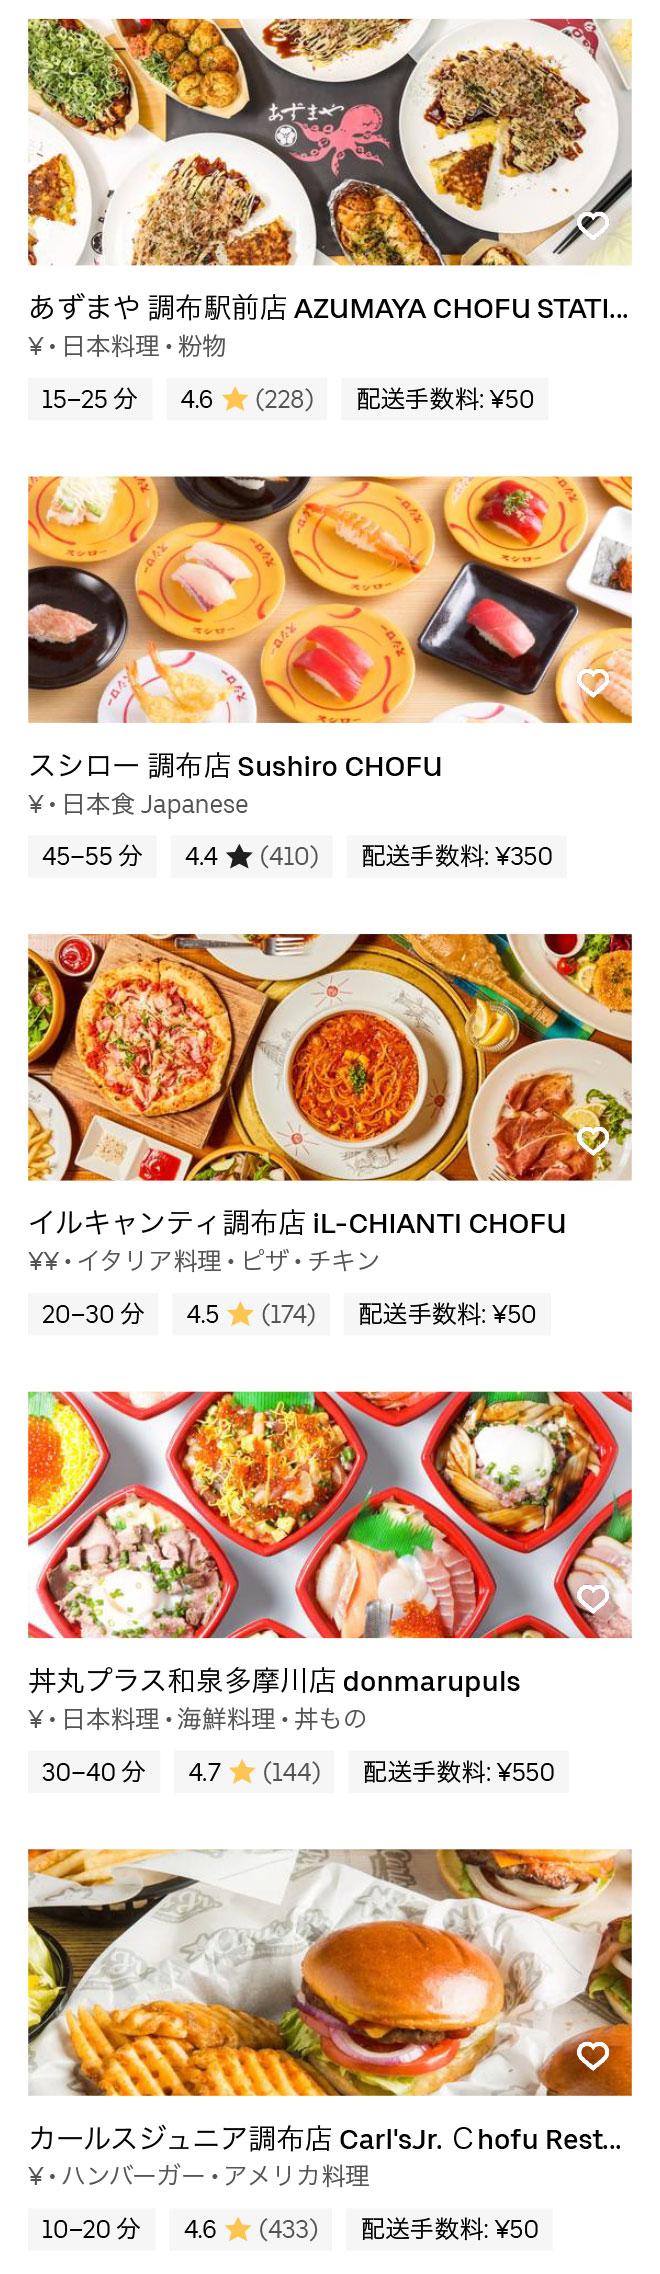 Tokyo chofu 20040905